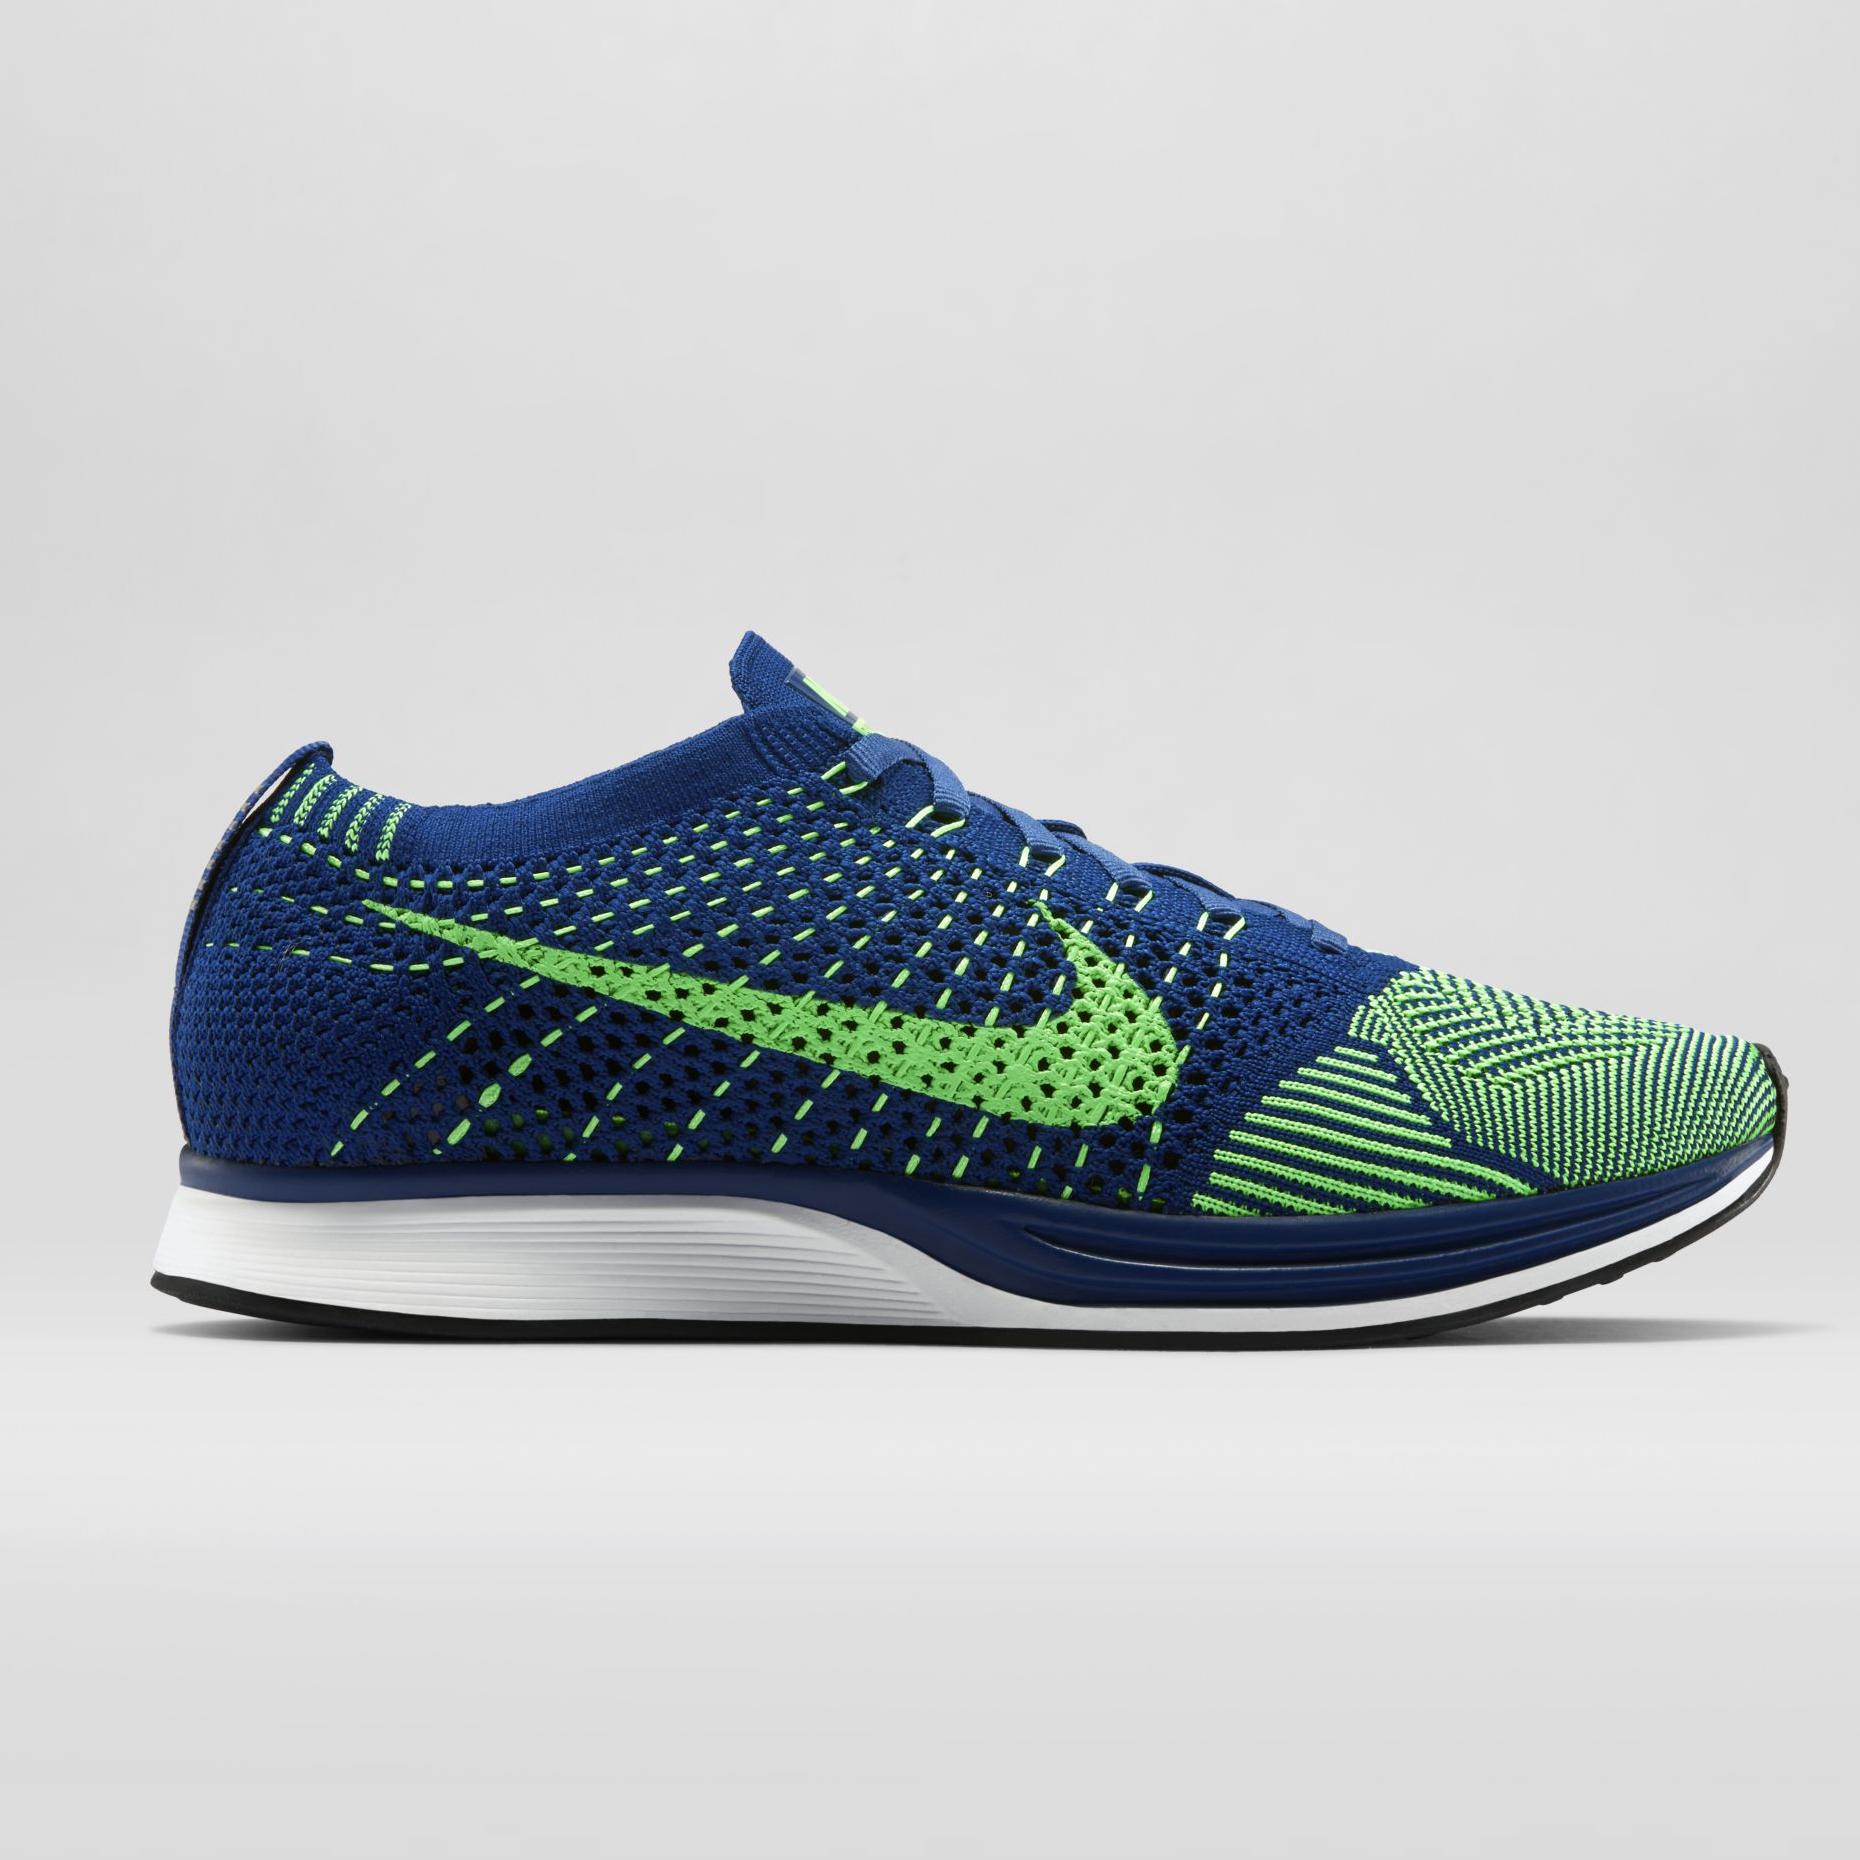 7191d12c4b81 Nike Flyknit Racer